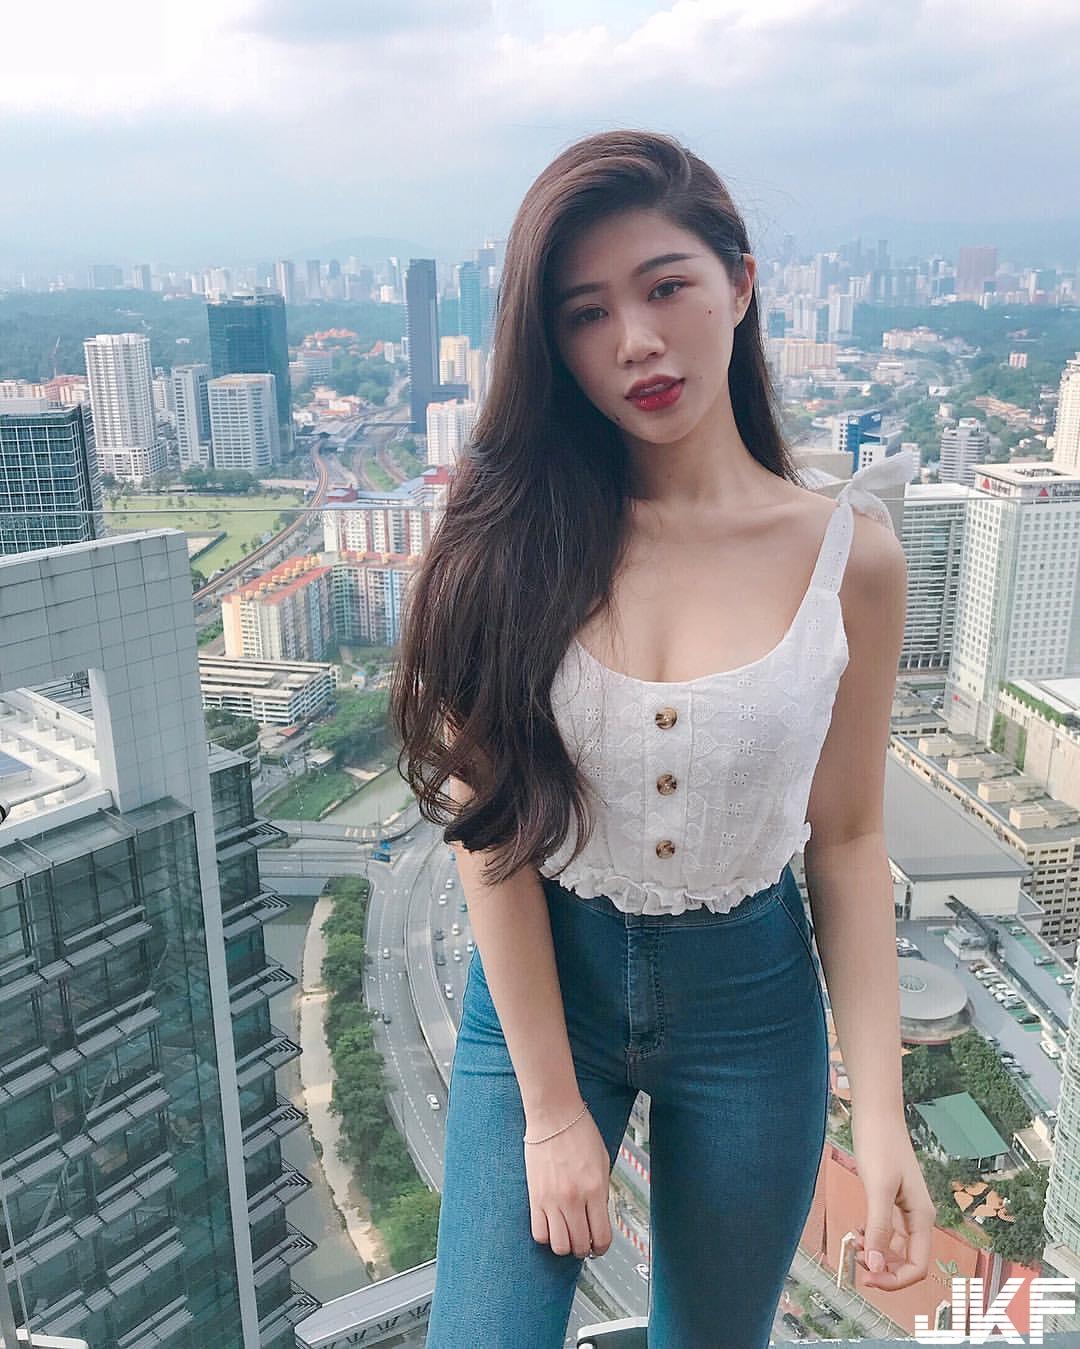 大奶姐姐 Chienwei  差點炸出螢幕:整個畫面是香的 - 素人正妹 -